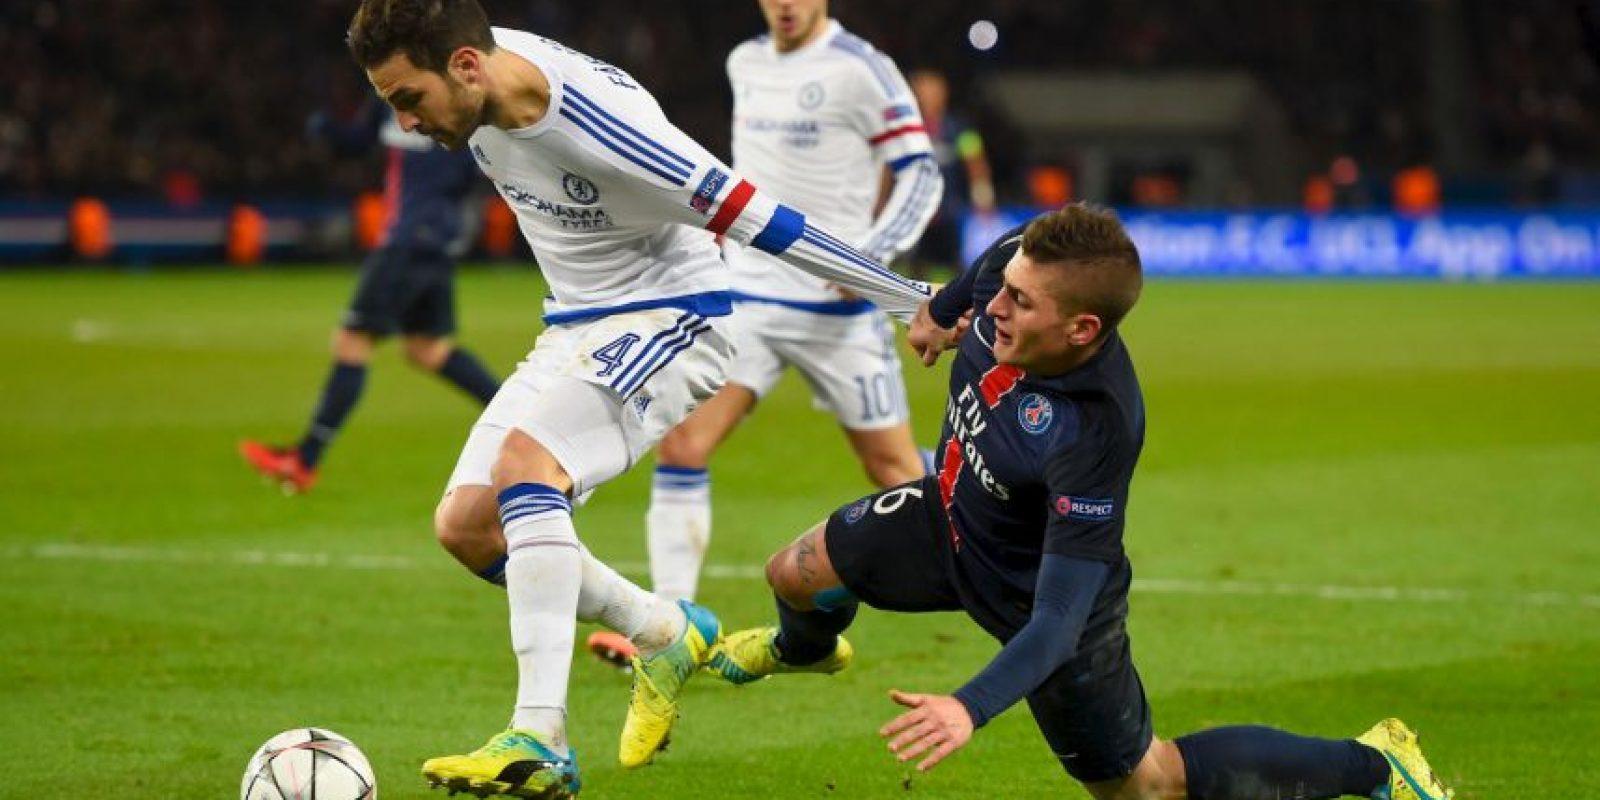 Los galos tomaron ventaja 2-1 en el partido de ida Foto:Getty Images